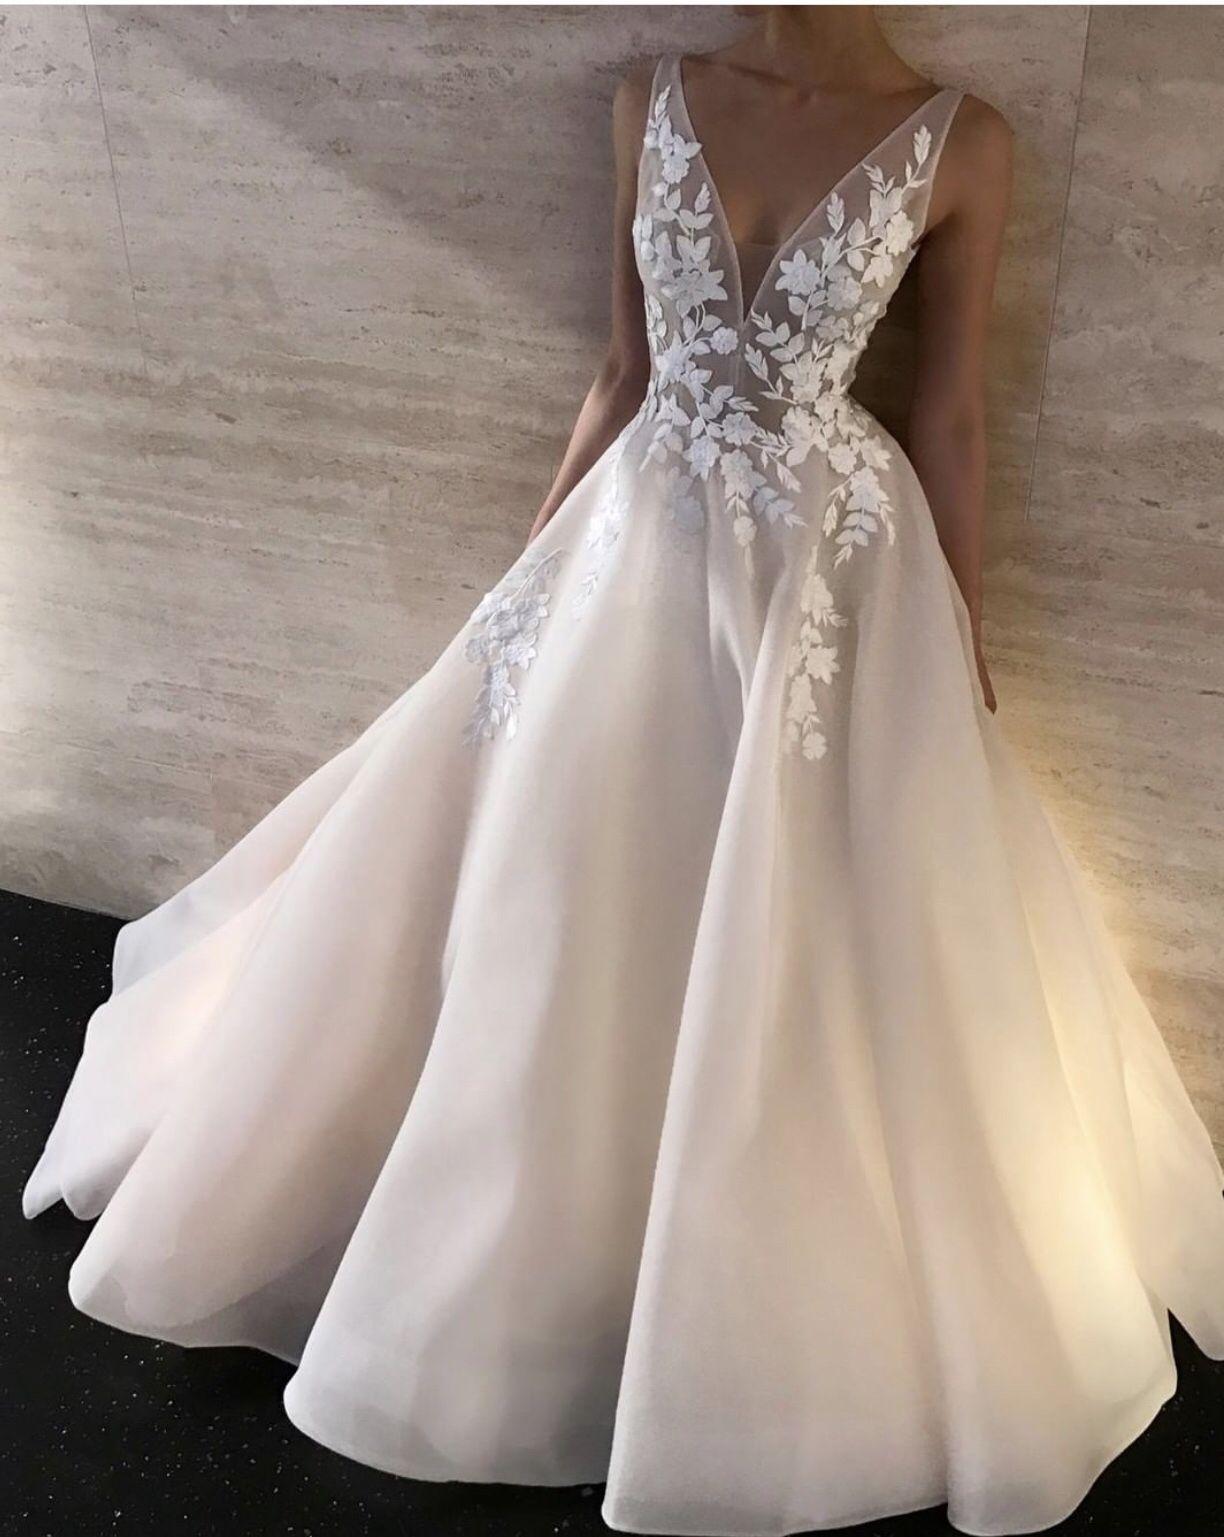 Gorgeous Enzoani Wedding dress - Wir lieben einfach die Kleider